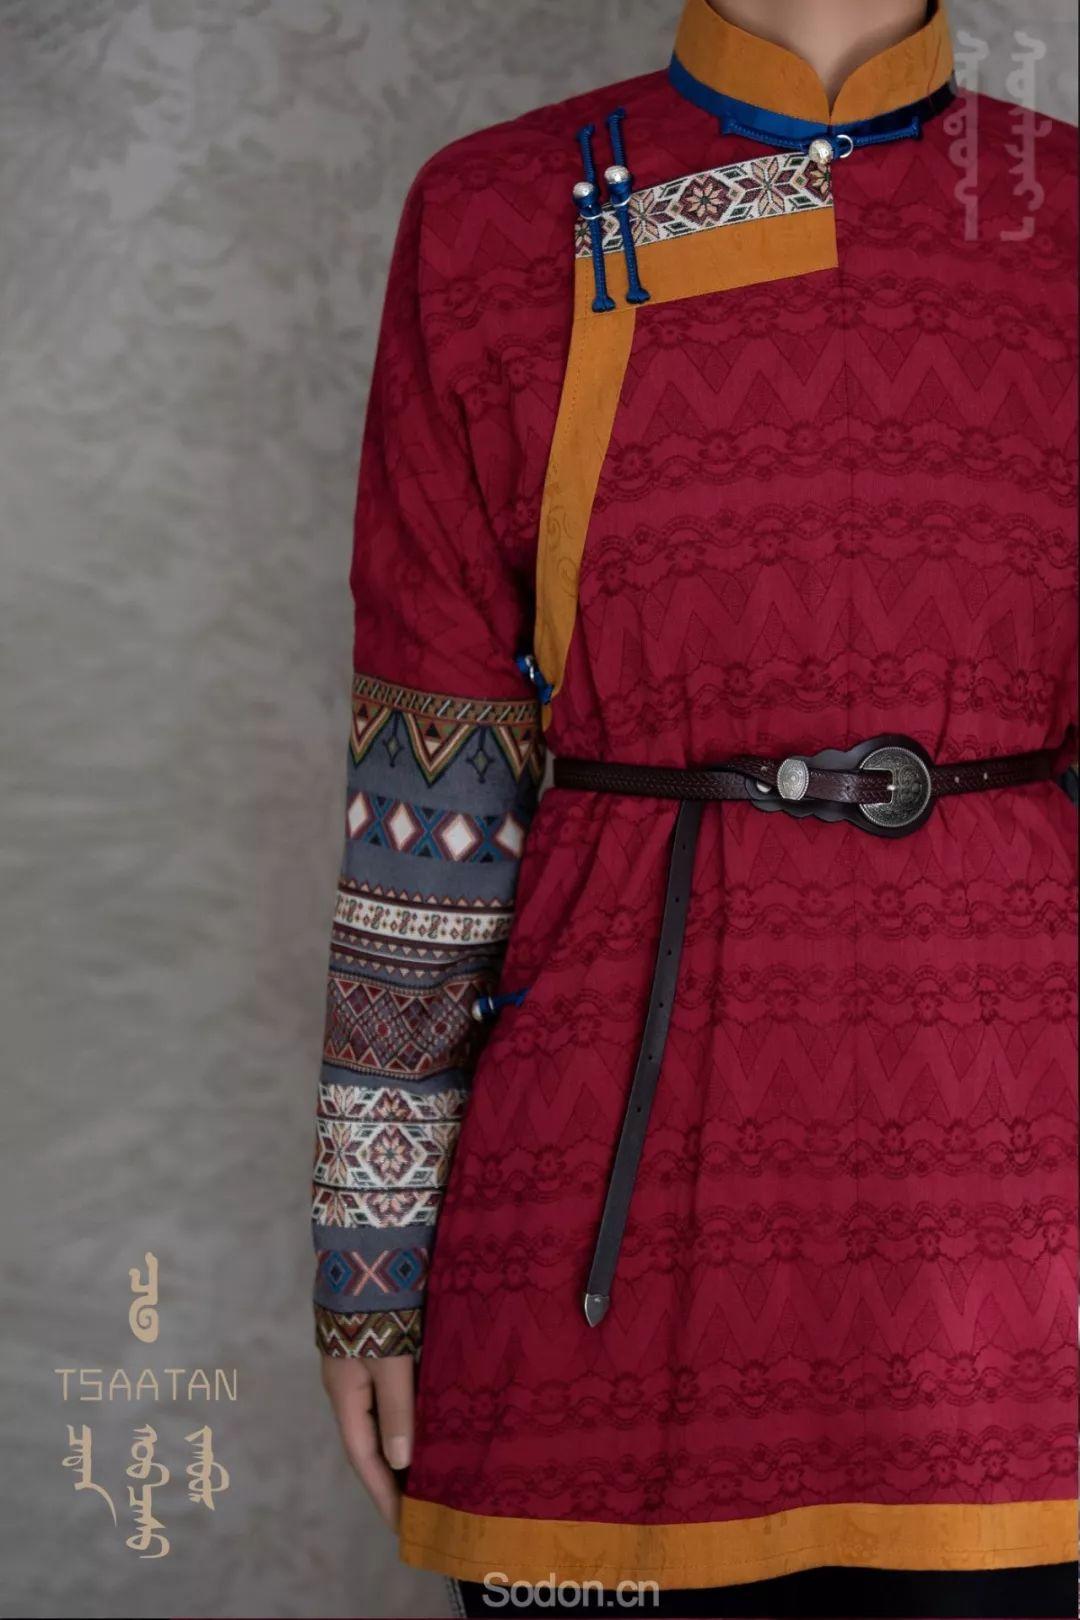 TSAATAN蒙古时装秋冬系列,来自驯鹿人的独特魅力! 第69张 TSAATAN蒙古时装秋冬系列,来自驯鹿人的独特魅力! 蒙古服饰